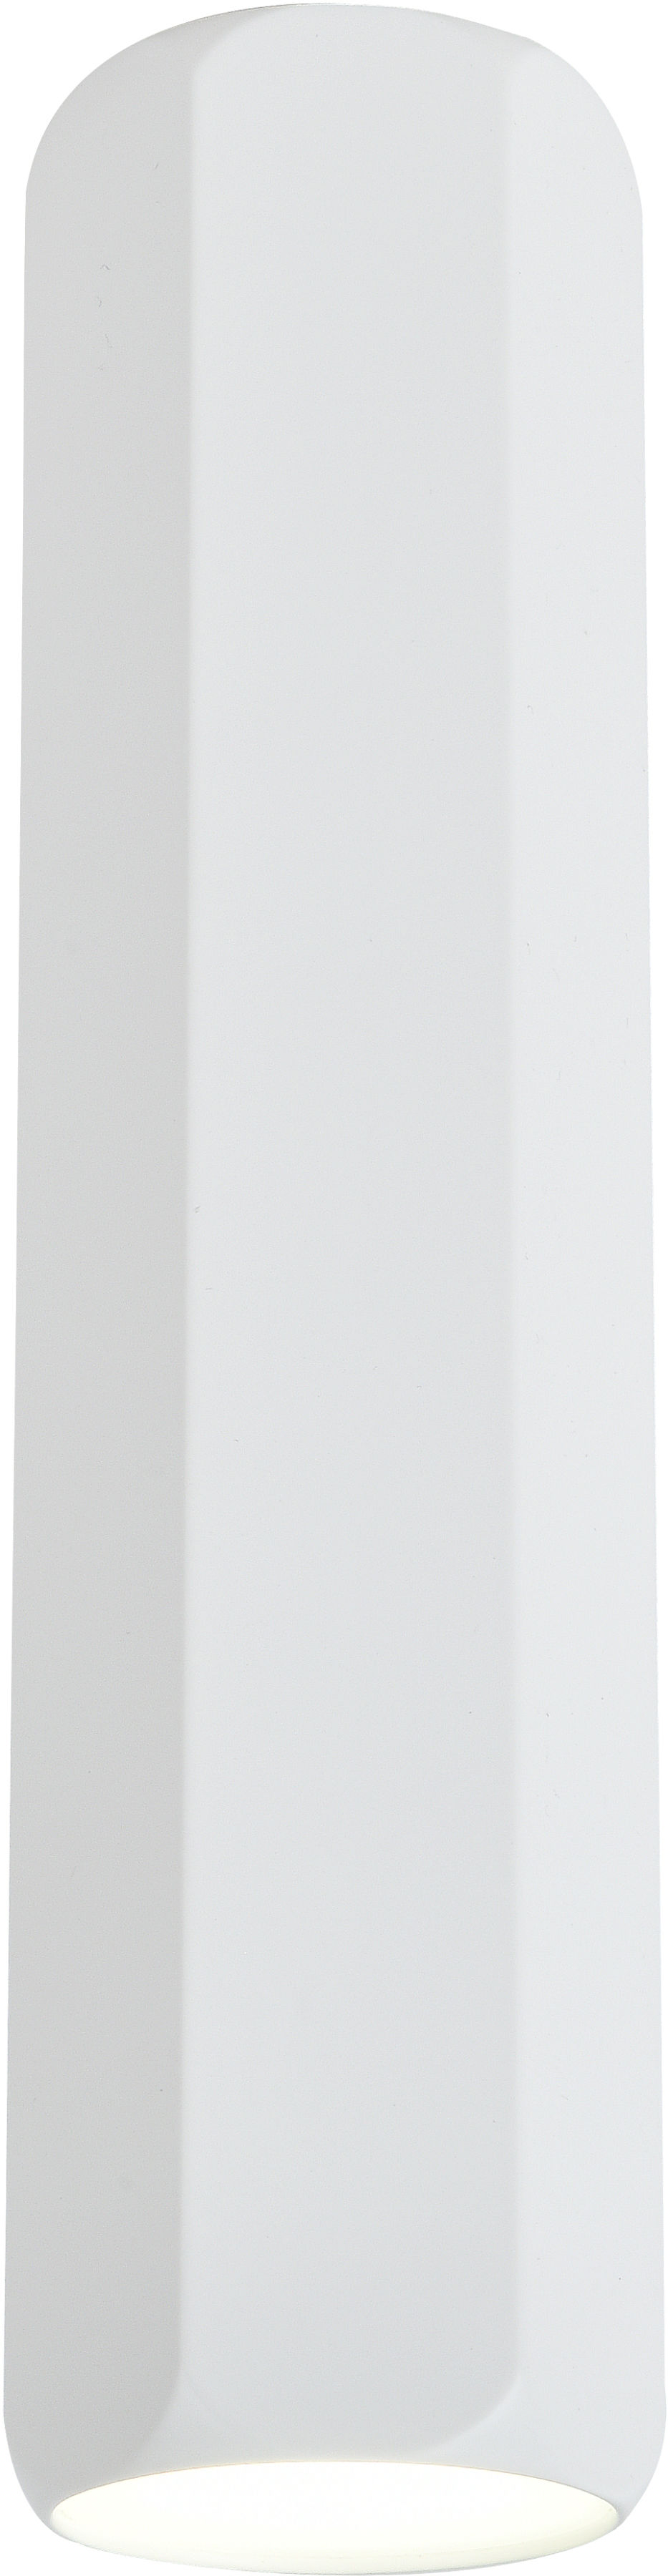 Candellux TUBA 2282800 oprawa stropowa natynkowa sześcibok biały 1X25W GU10 25 cm